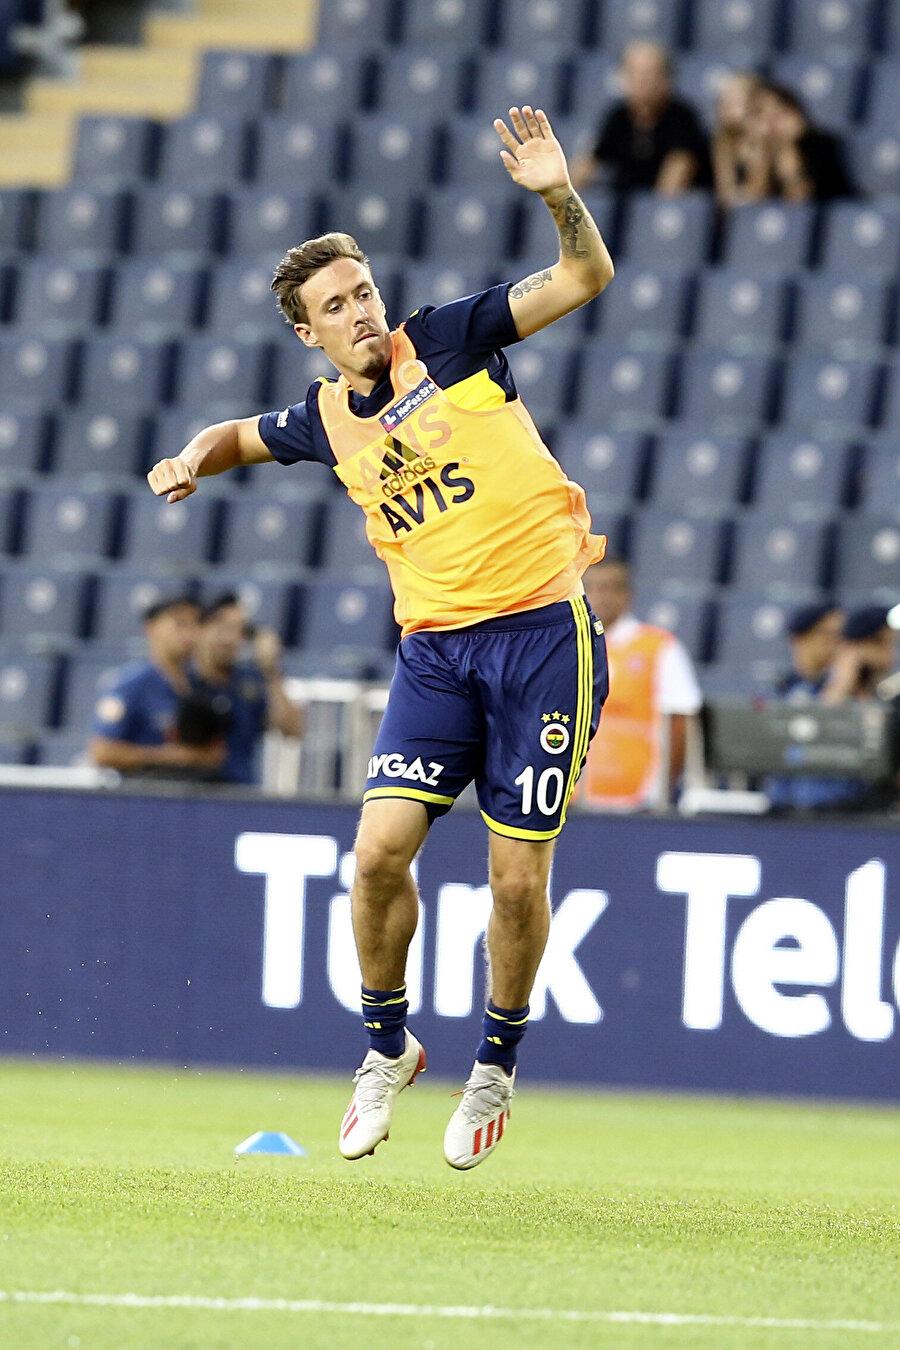 Fenerbahçe'de Max Kruse, en değerli transferler sıralamasında ilk 5'te kendine yer bulan tek sarı lacivertli futbolcu oldu.